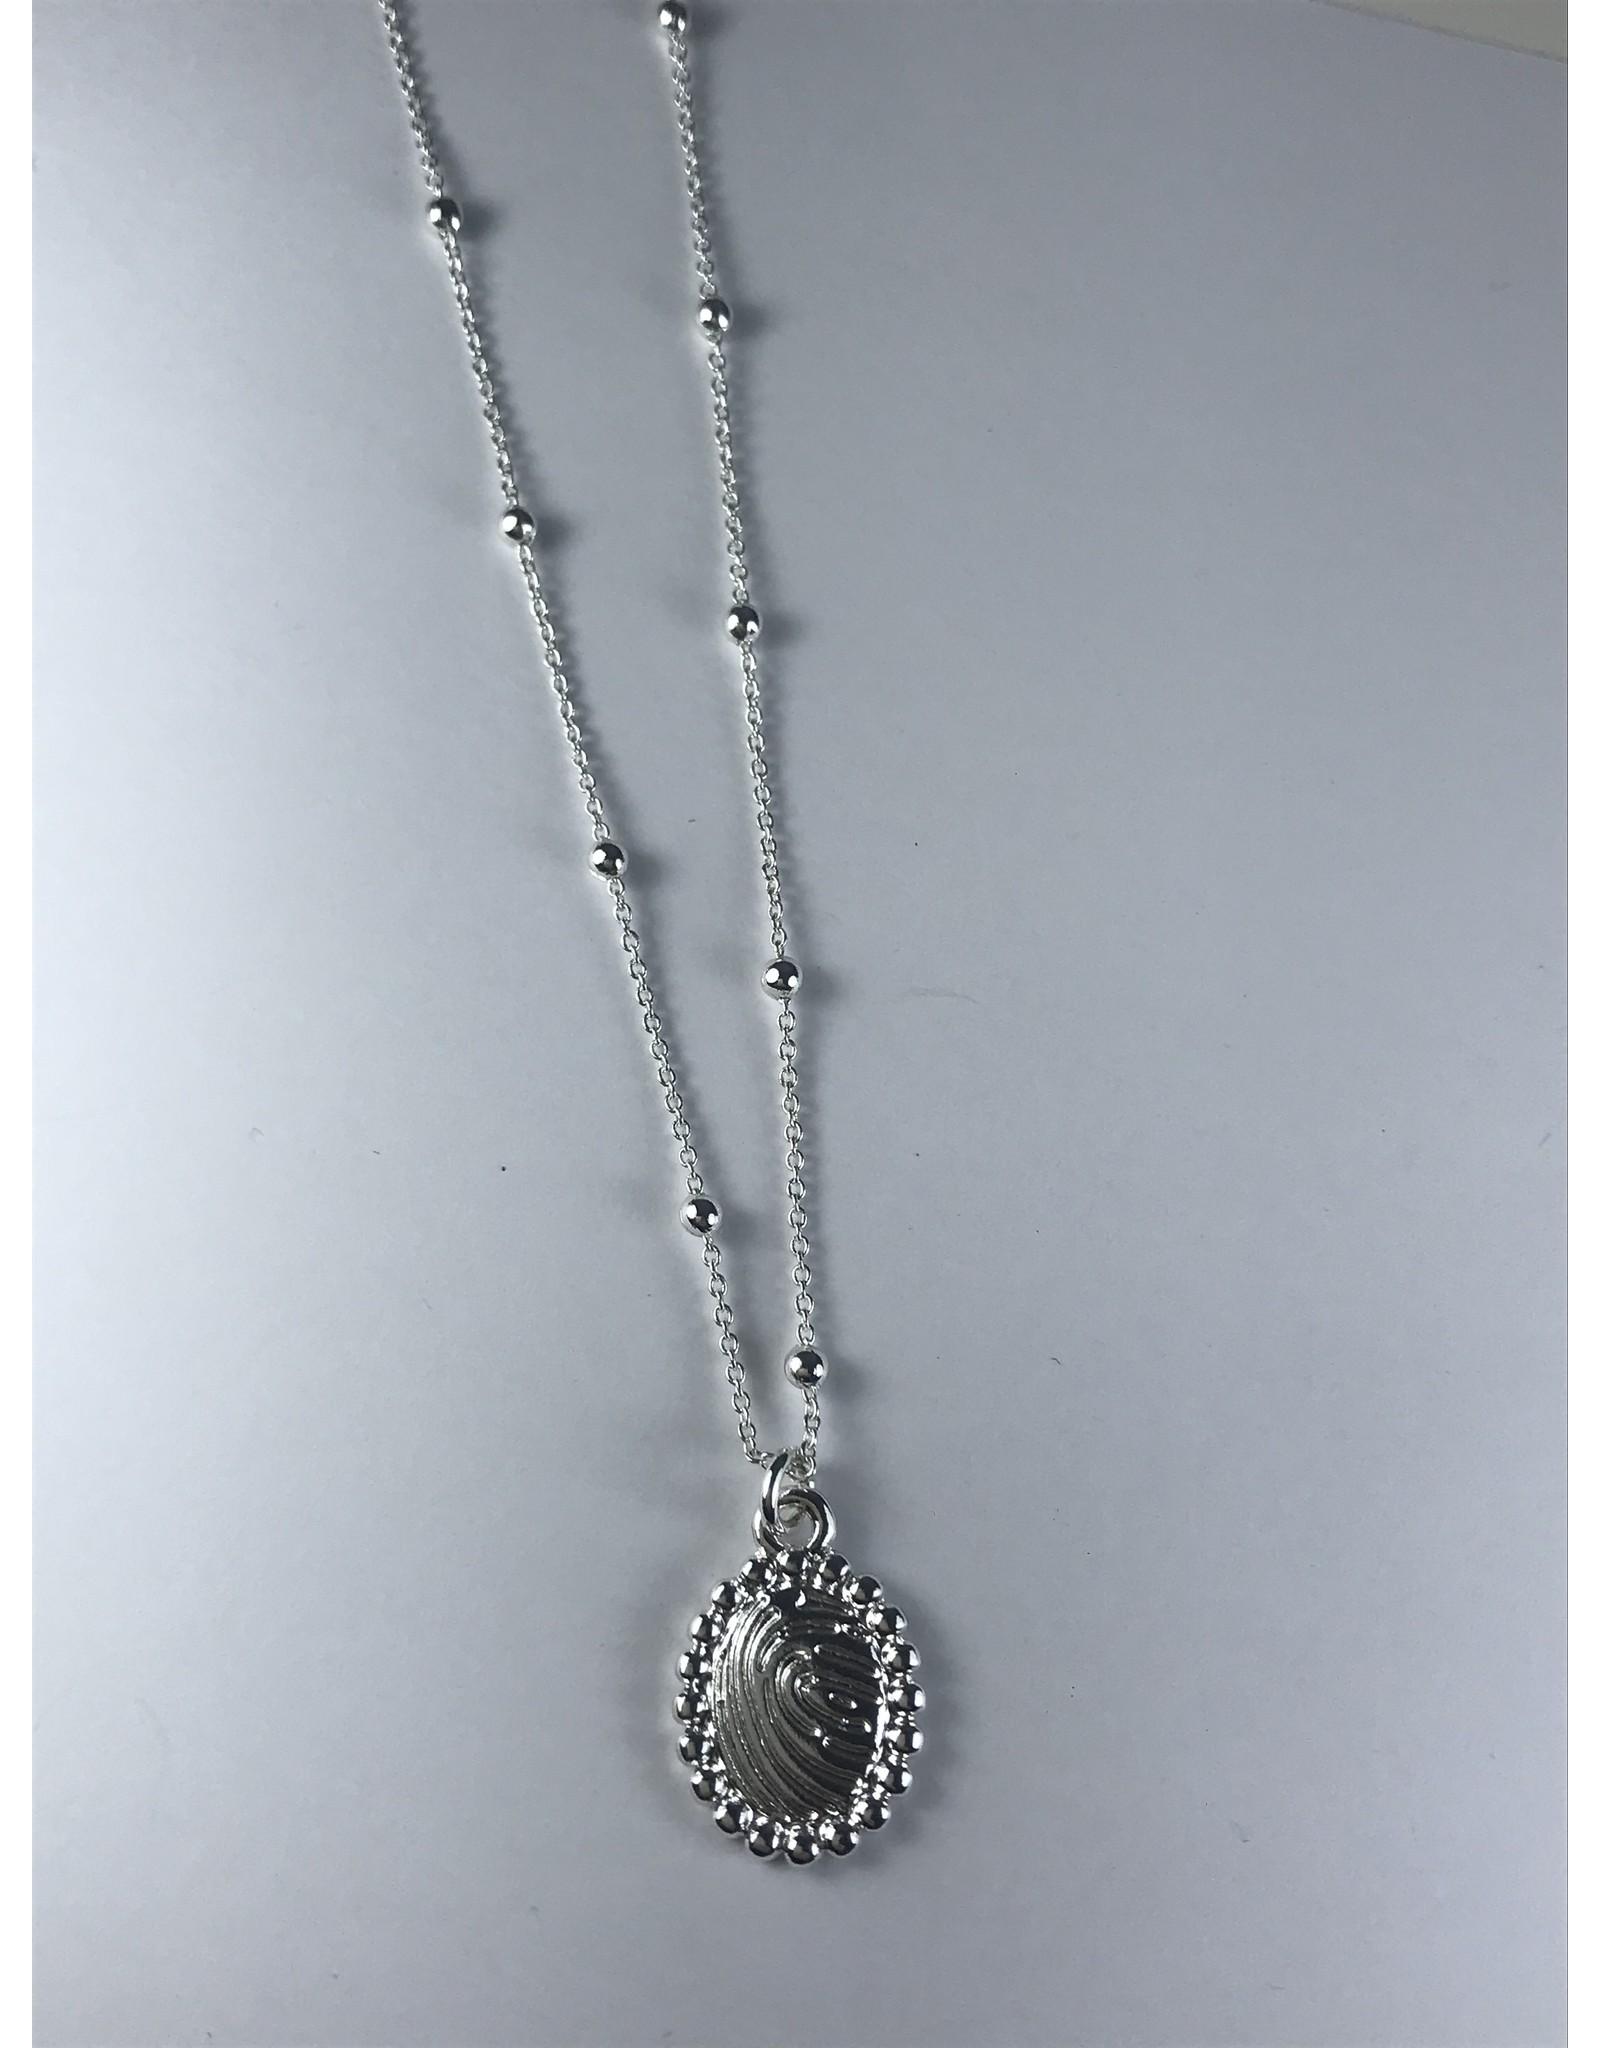 Axxes-Soir korte  fijne zilverkleurige ketting met ovaal plaatje